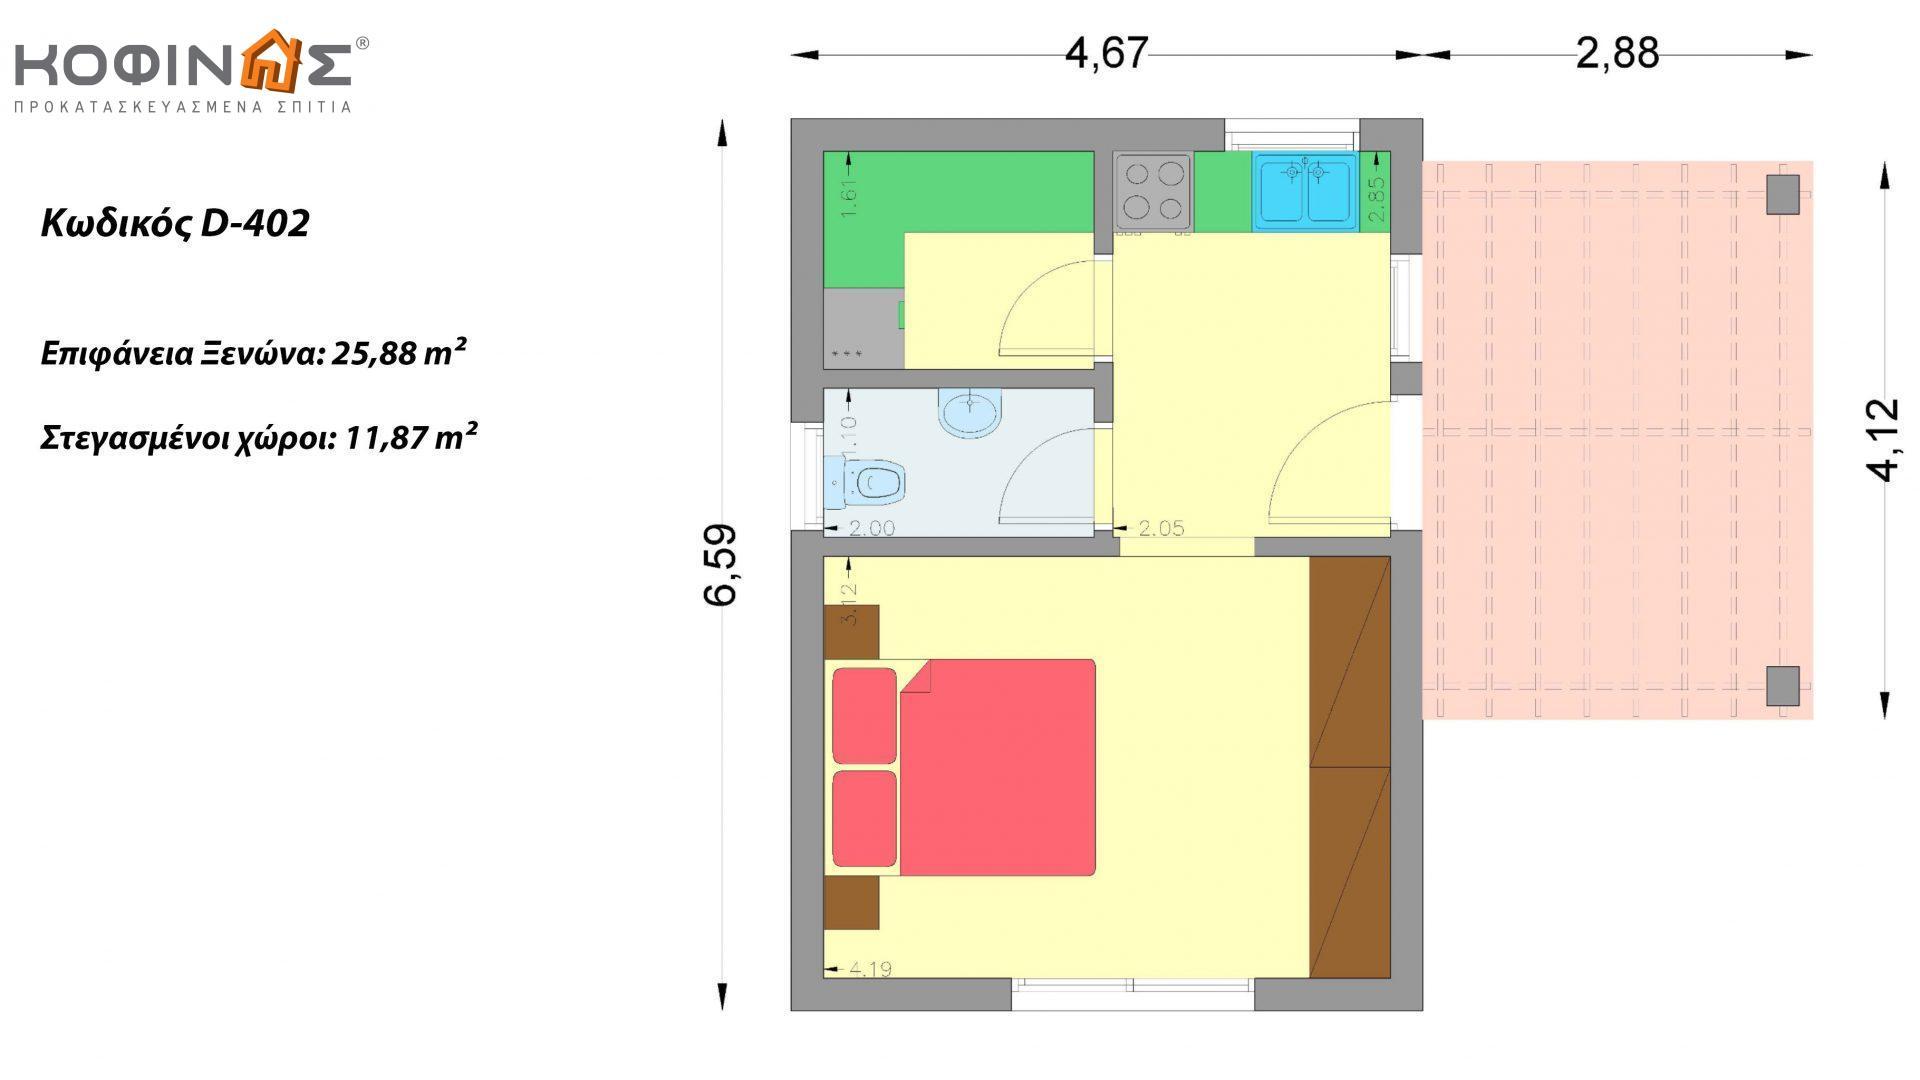 Διώροφη Κατοικία D-402, συνολικής επιφάνειας 402.45 τ.μ. συνολική επιφάνεια στεγασμένων χώρων 104.91 τ.μ., μπαλκόνια 49,96 τ.μ.